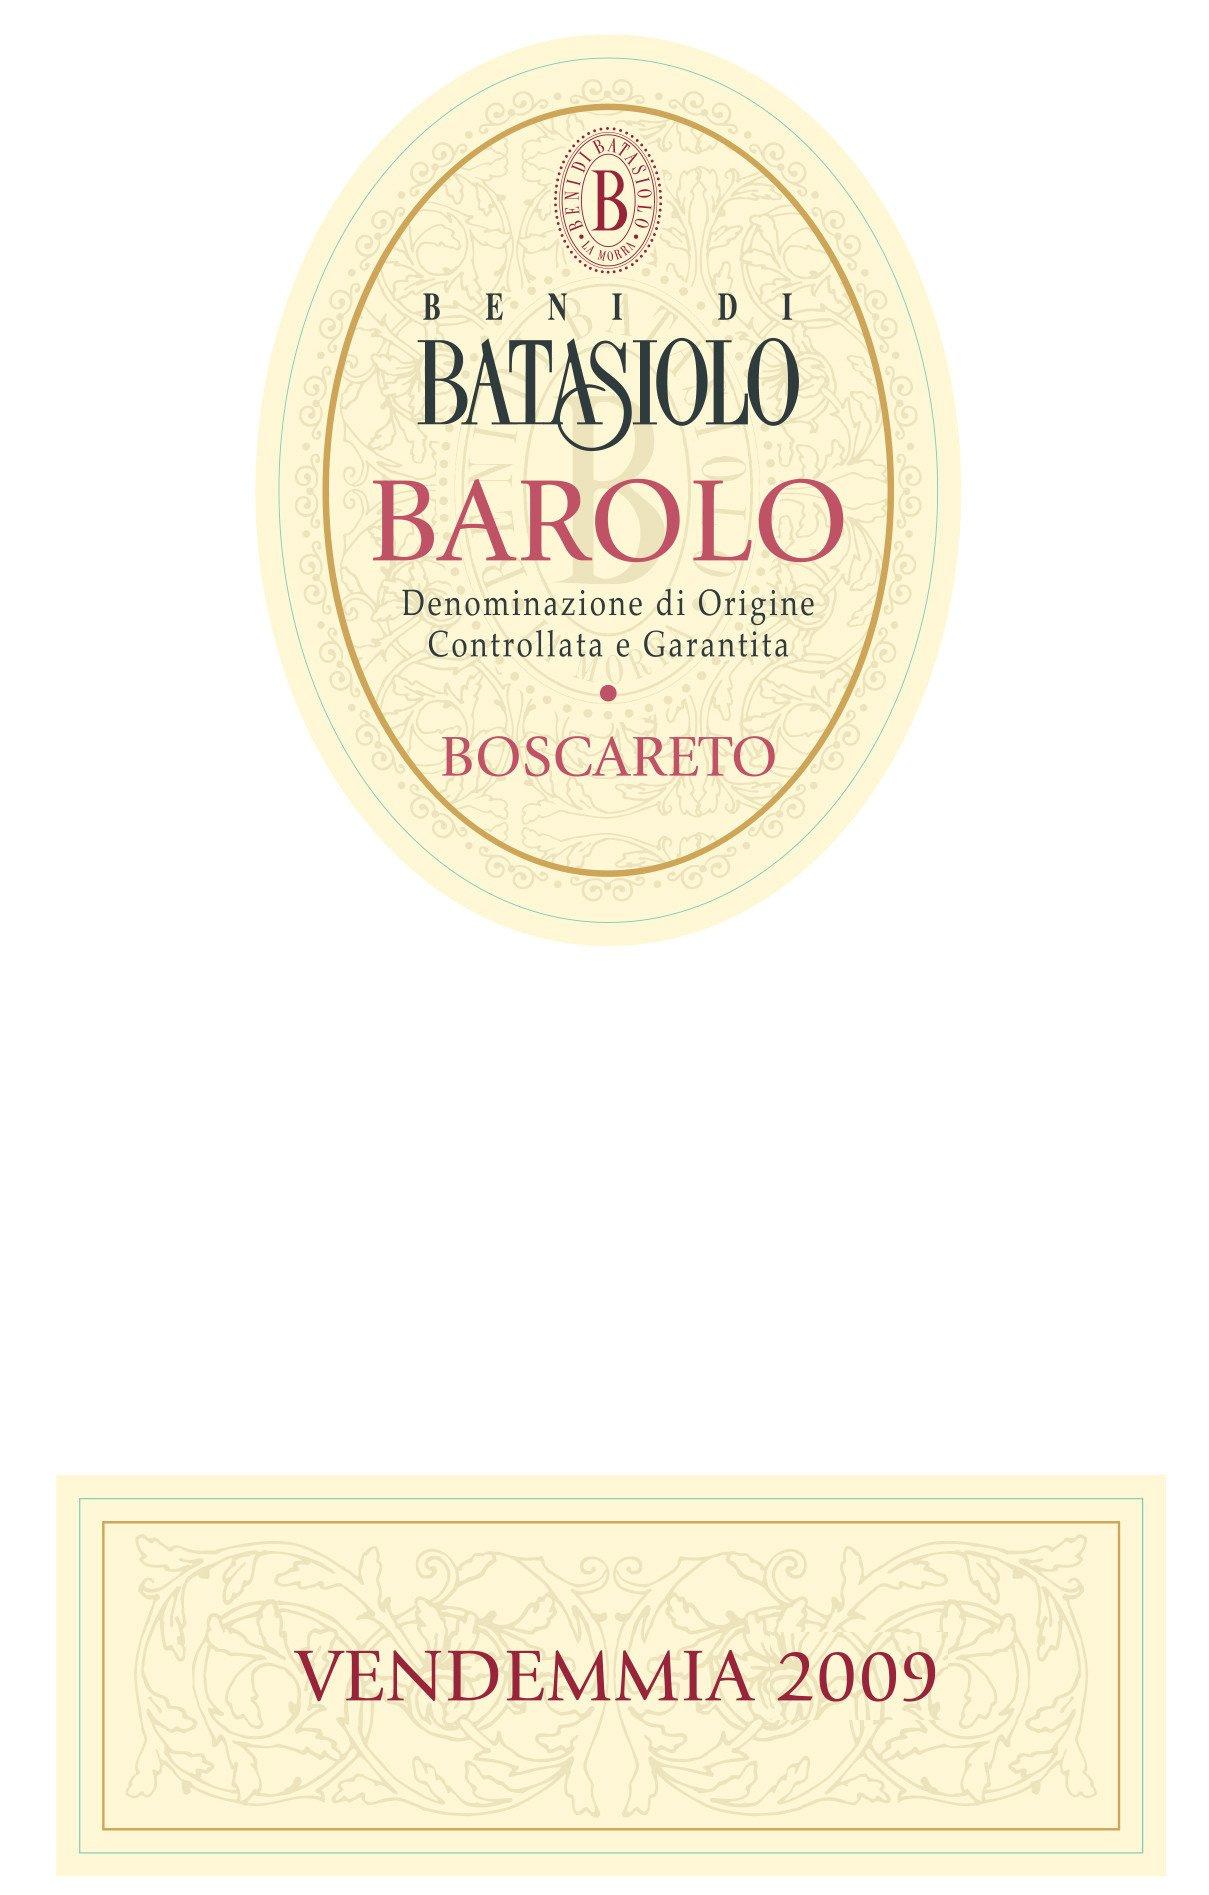 Batasiolo Barolo Boscareto Magnum 2009